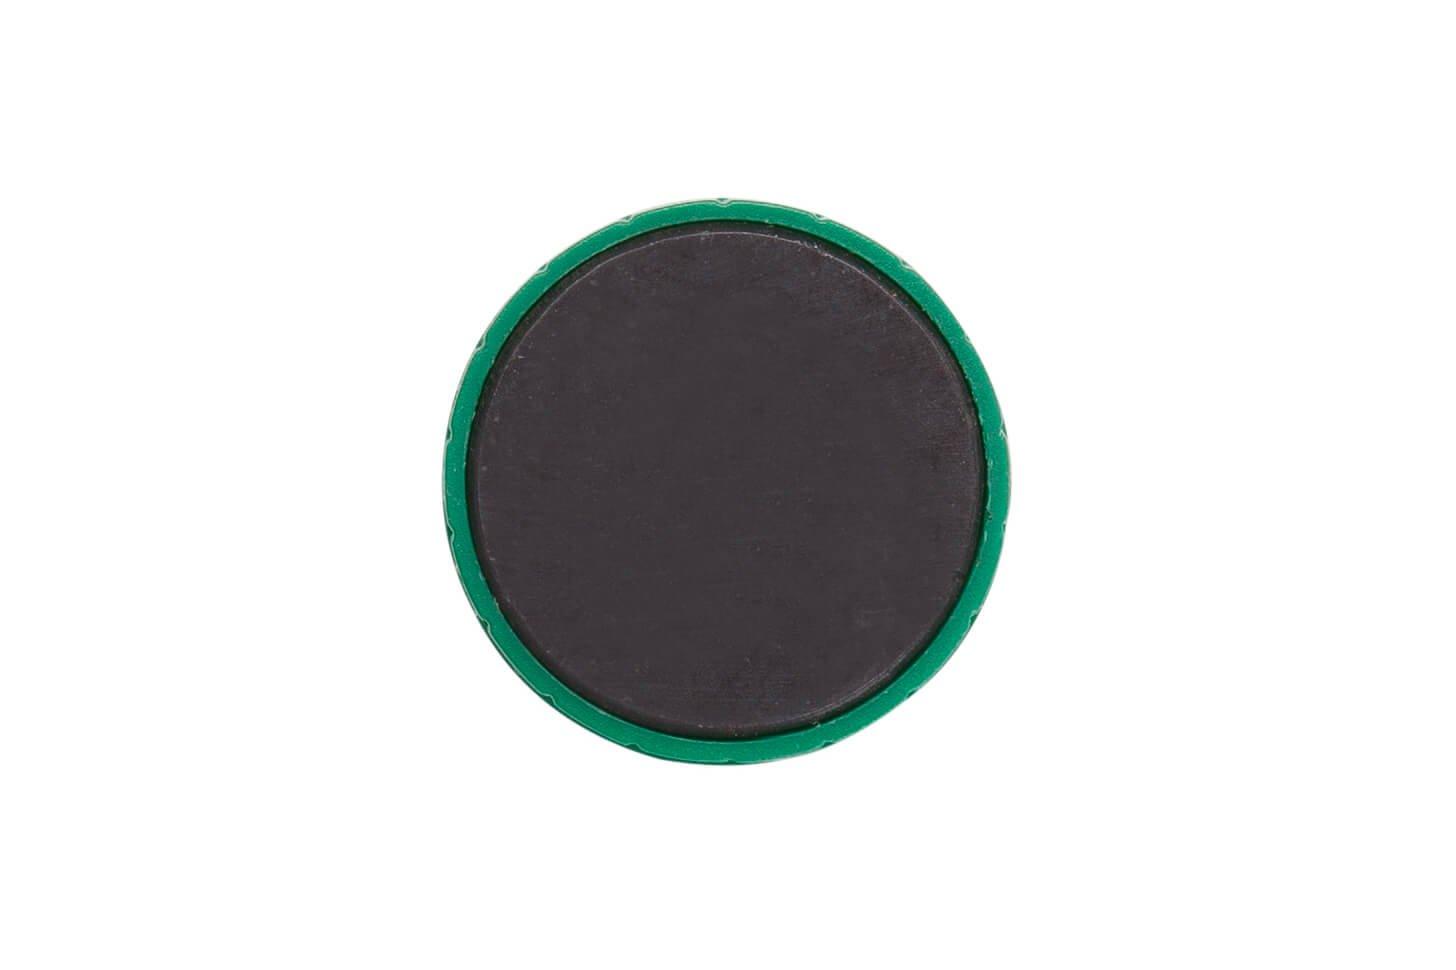 Magnet MAULsolid Ø 38 mm, 2,5 kg Haftkraft, 10 St./Ktn., grün